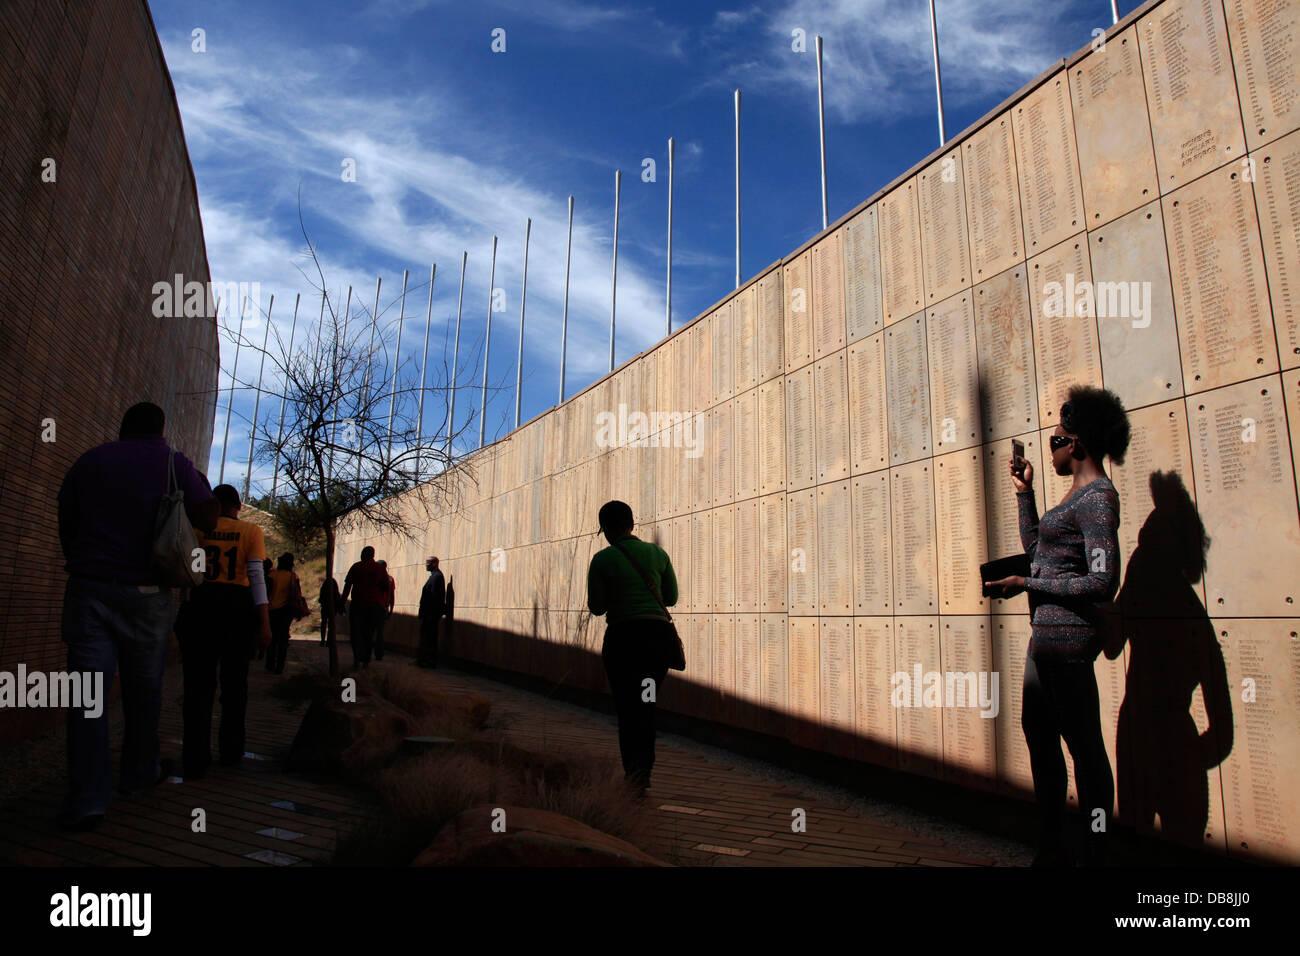 La parete i nomi nel memorial coloro che hanno svolto il ruolo nei conflitti in Sud Africa è passato in S'khumbuto Immagini Stock